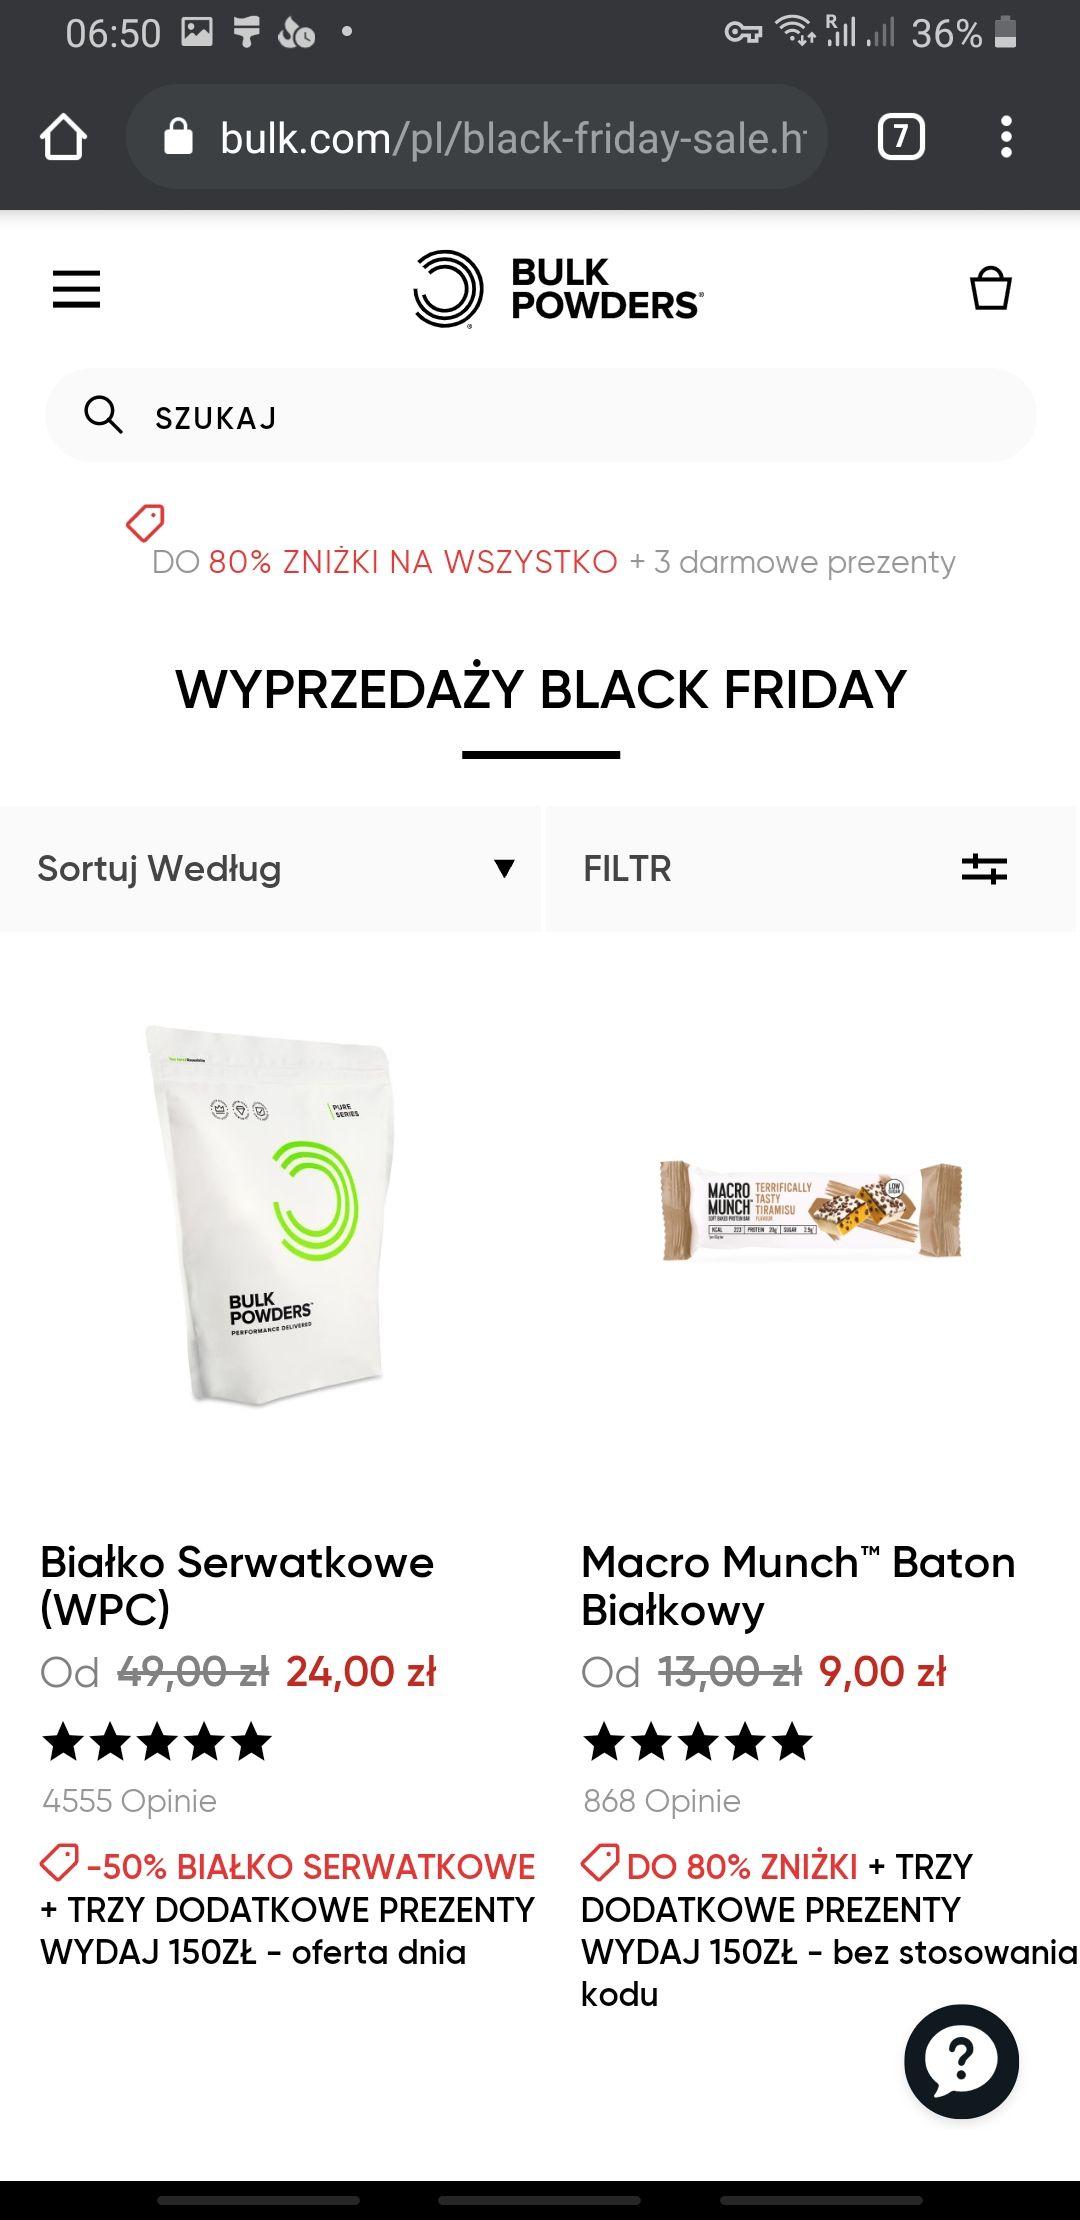 BULK POWDERS - suple - masła orzechowe - białko - zdrowa żywność - vege